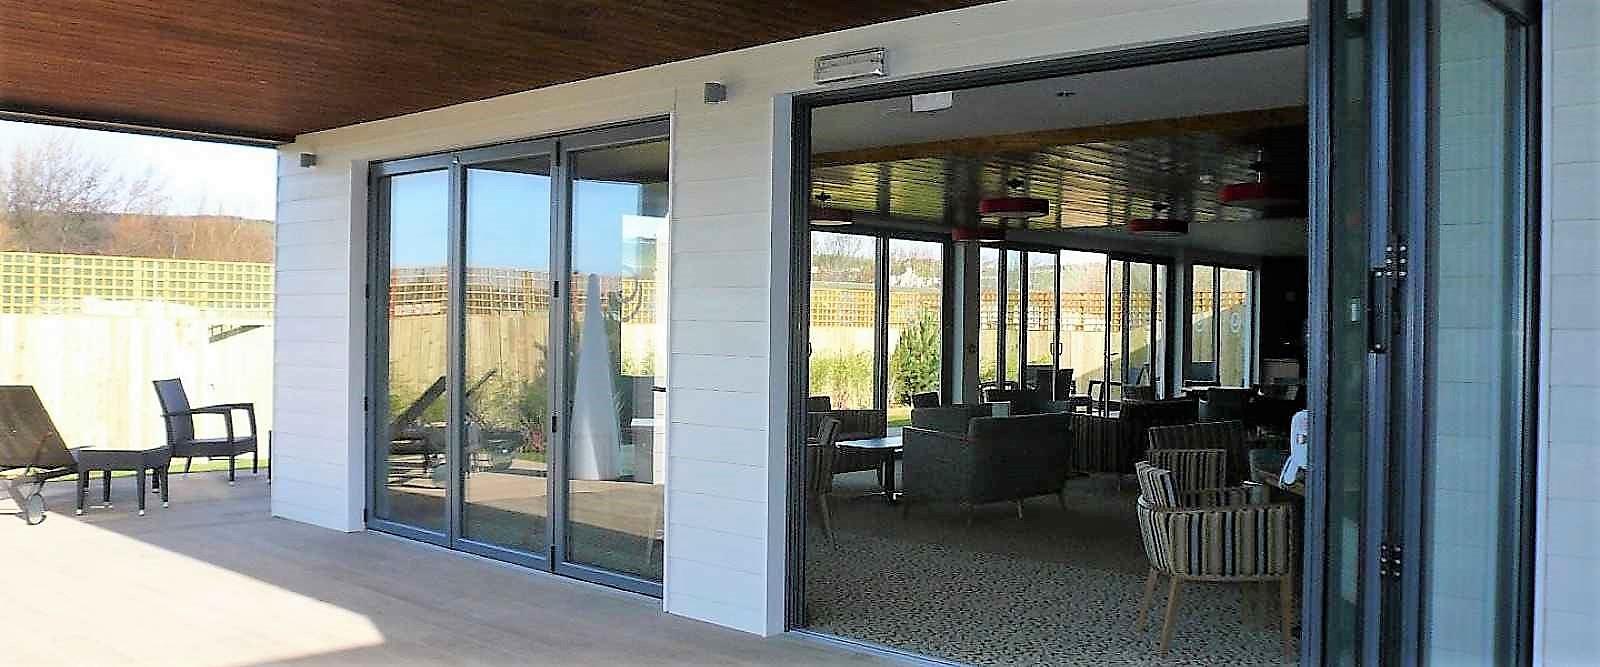 Visofold 3000 Aluminium Bi Folding Doors Marlin Windows Keighley